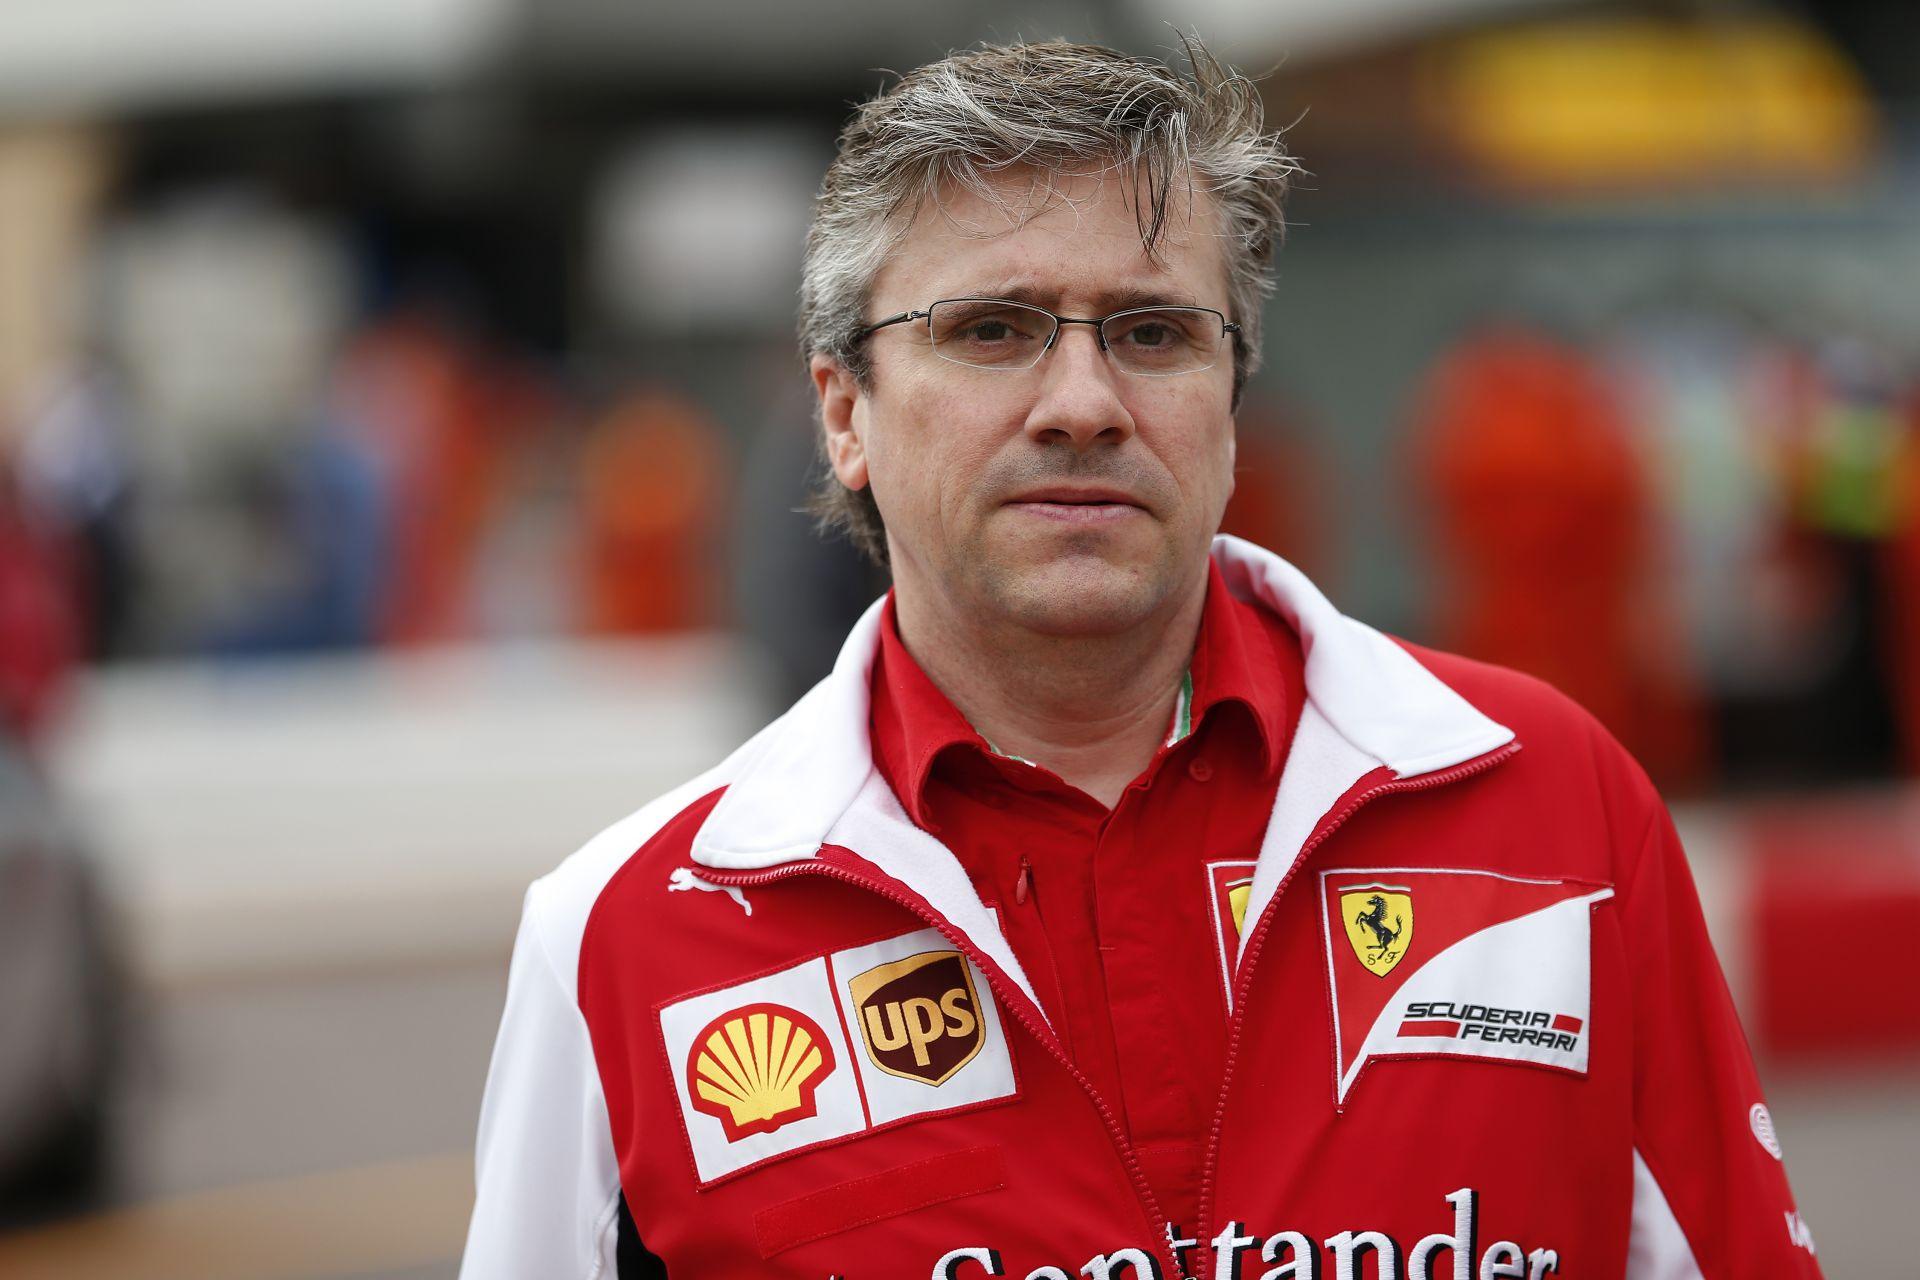 Fry az újabb nagy áldozat a Forma-1-ben? A Ferrari egyelőre tagadja a szakember kirúgását!